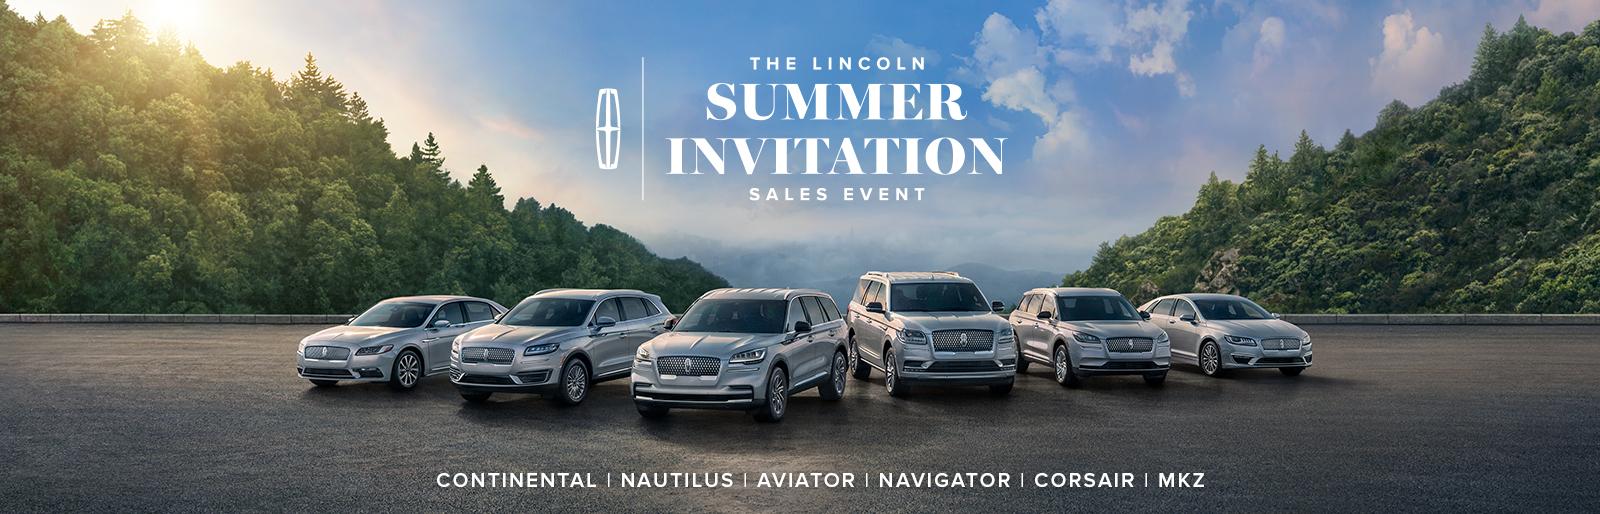 Lincoln Summer Invitation